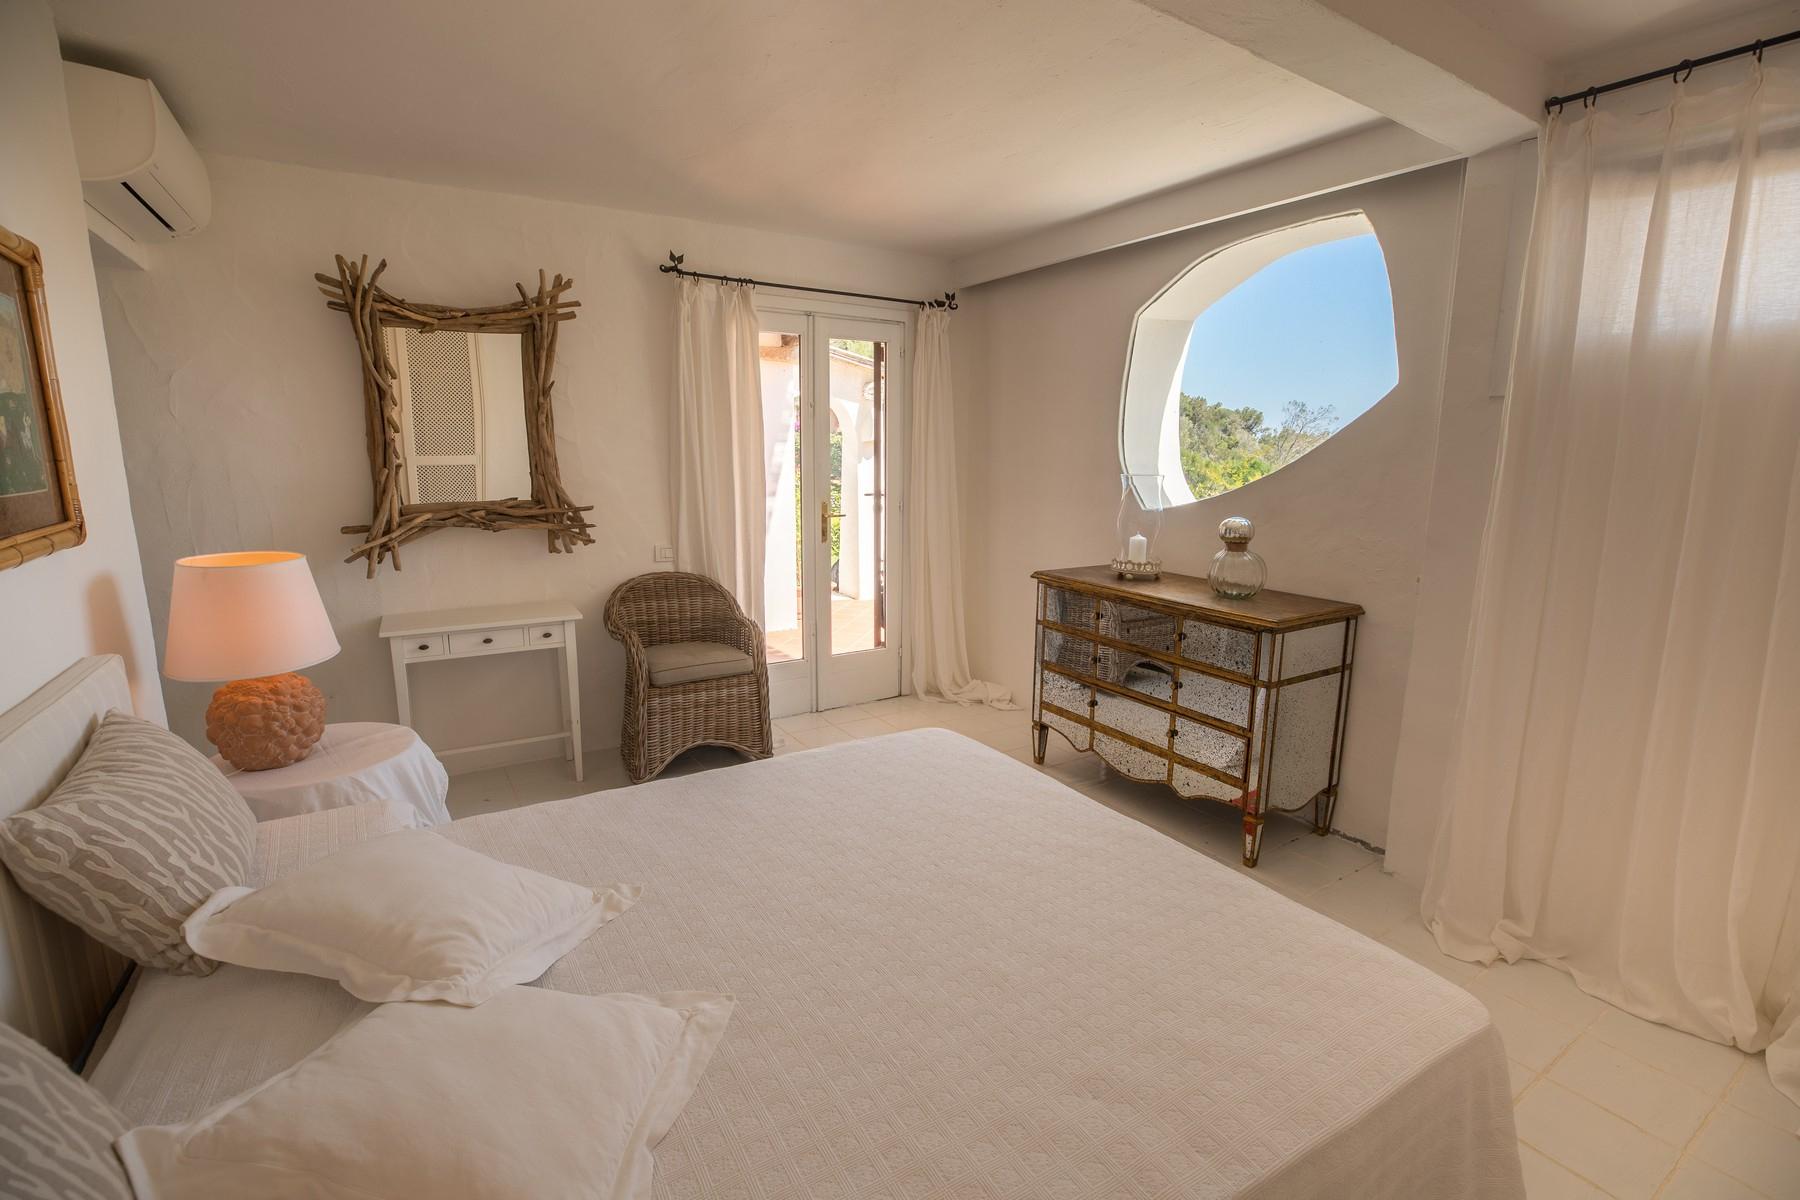 Villa in Vendita a Arzachena: 5 locali, 220 mq - Foto 25